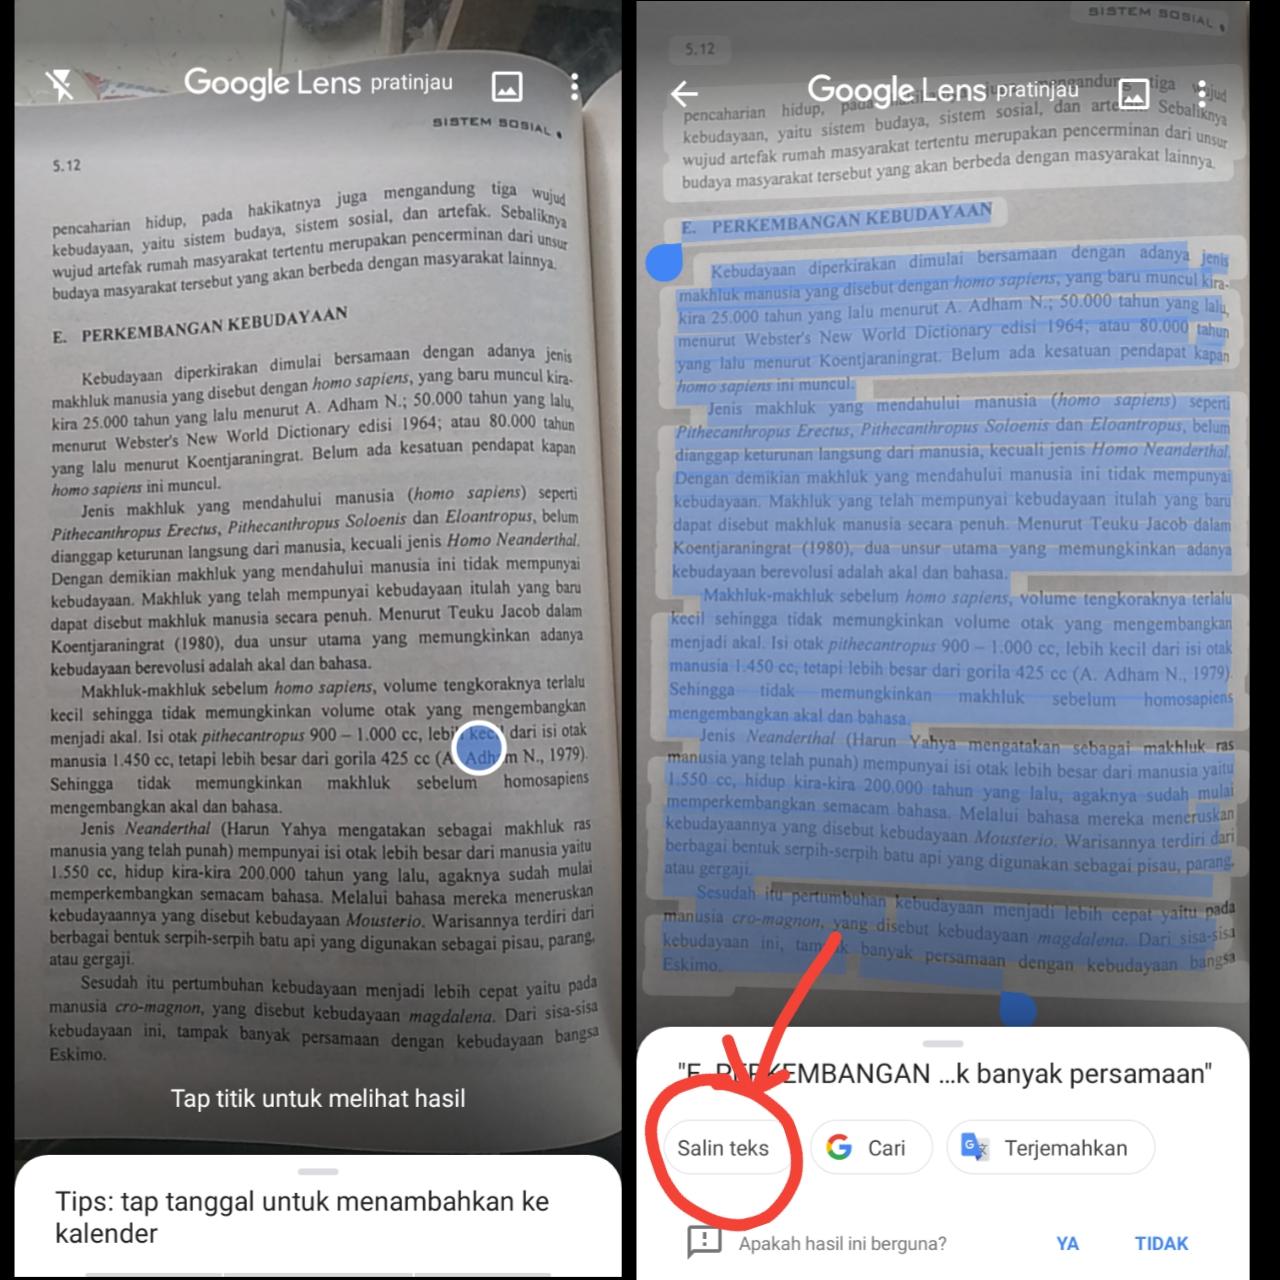 Tampilan Google Lens